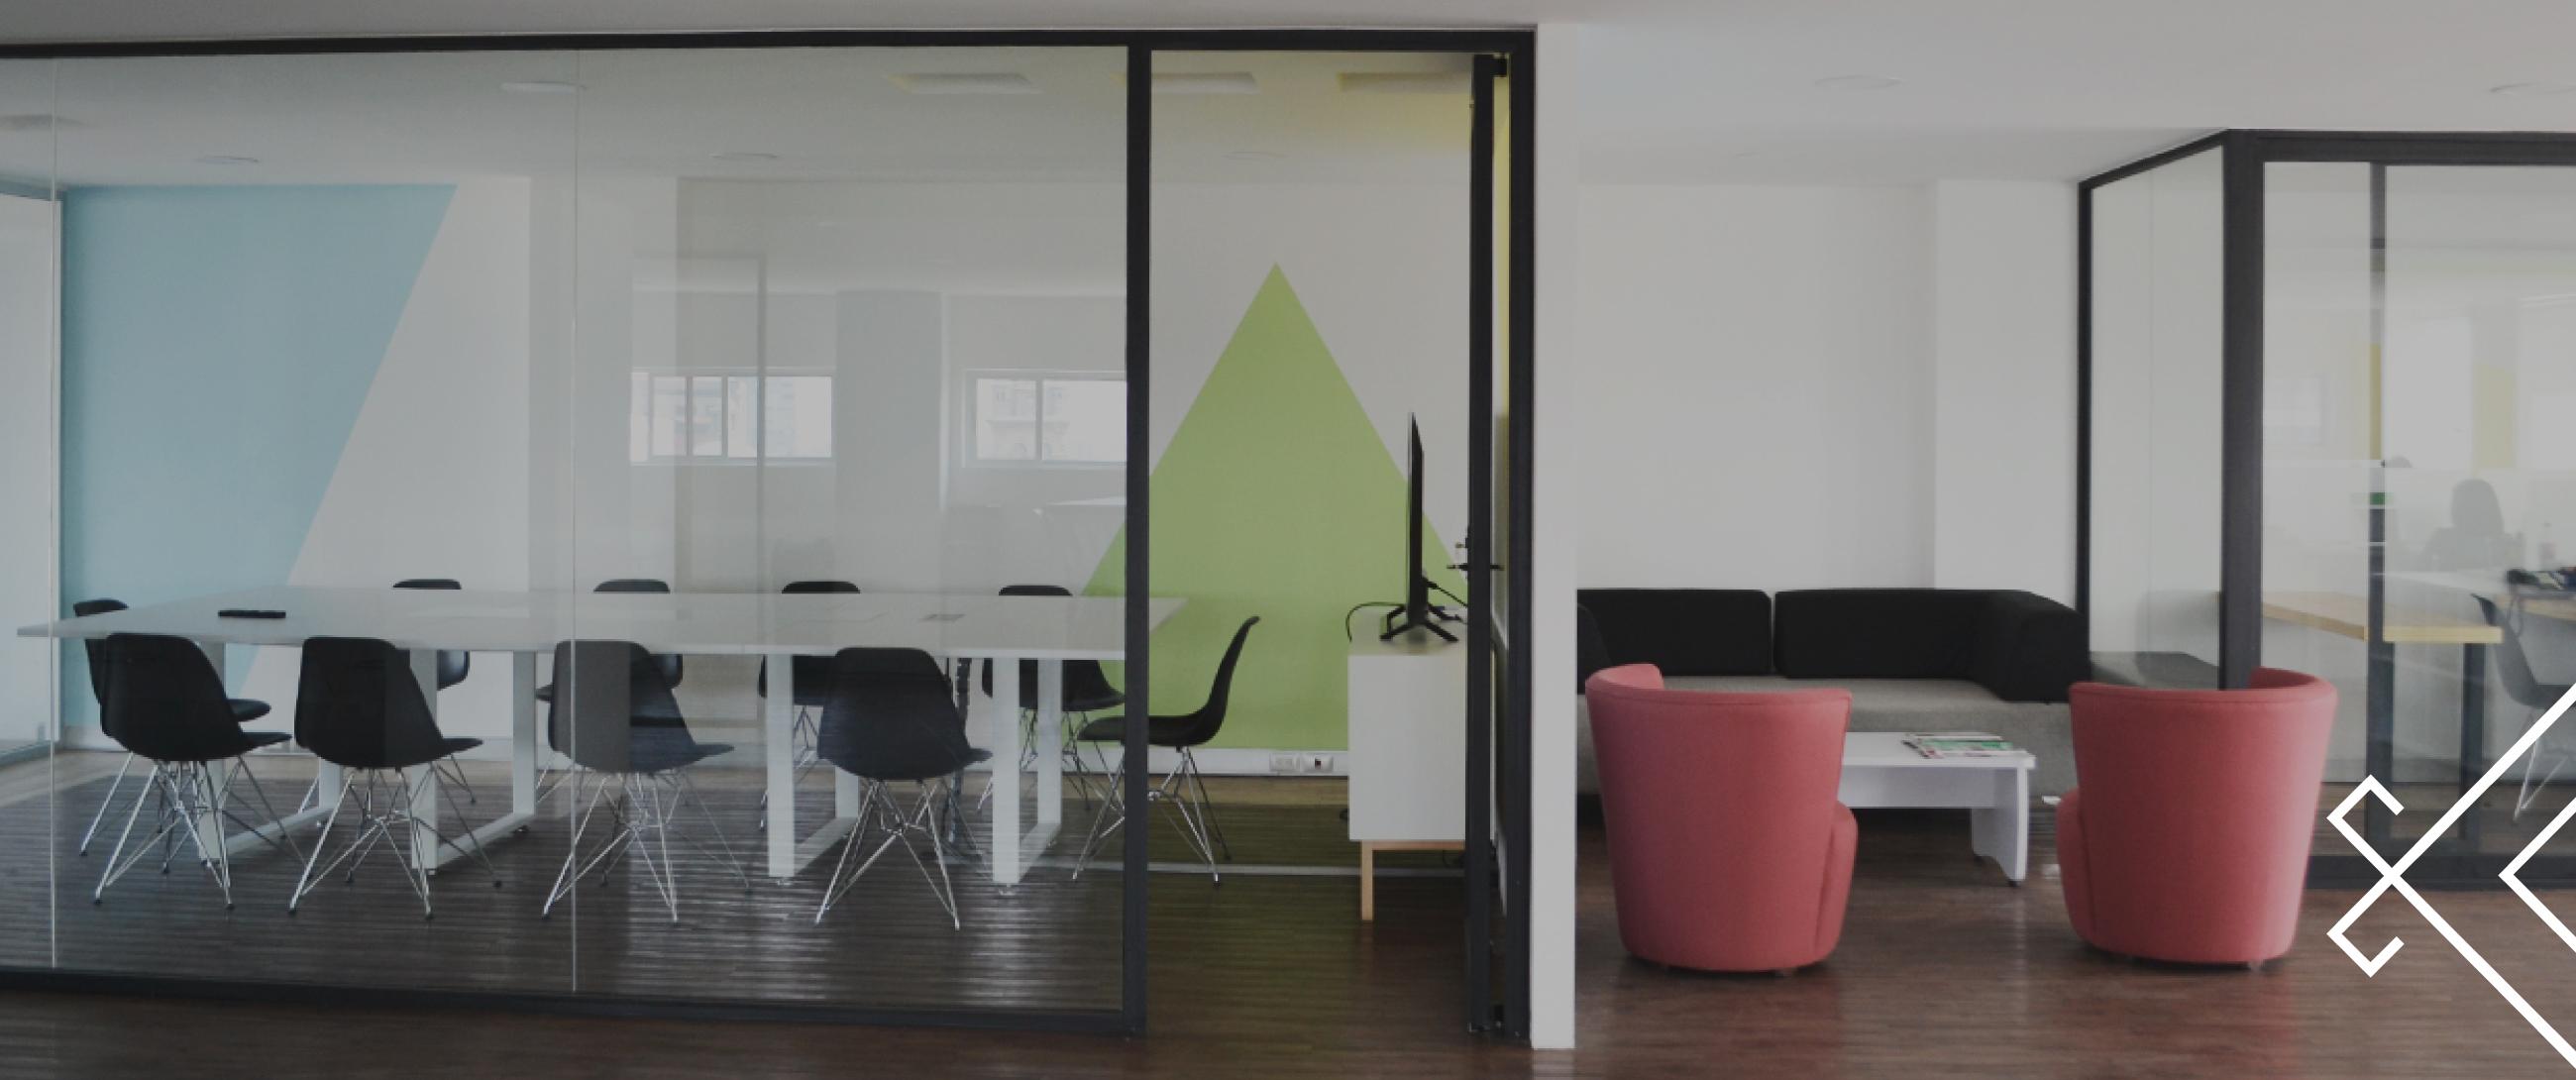 arquitectura ・ interiorismo ・ diseño